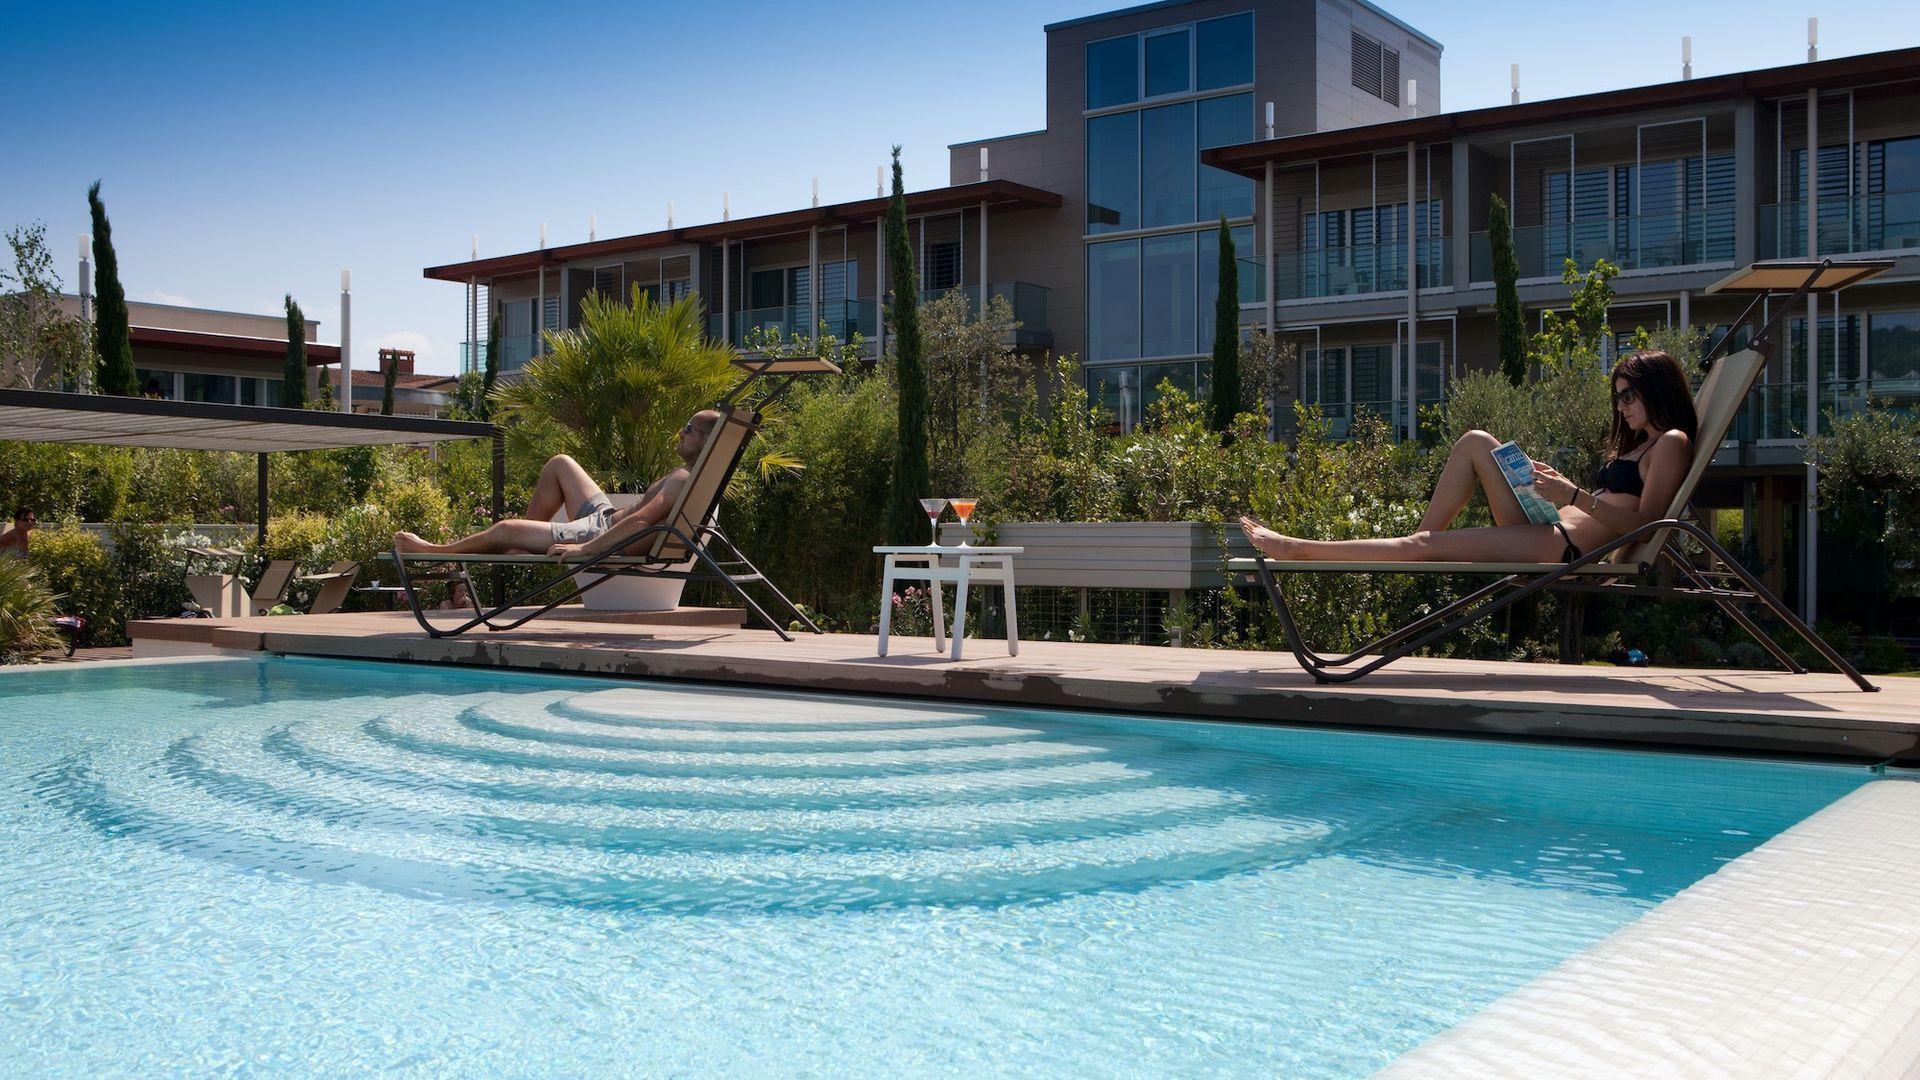 4*S Hotel Spa Suite & Terme Aqualux